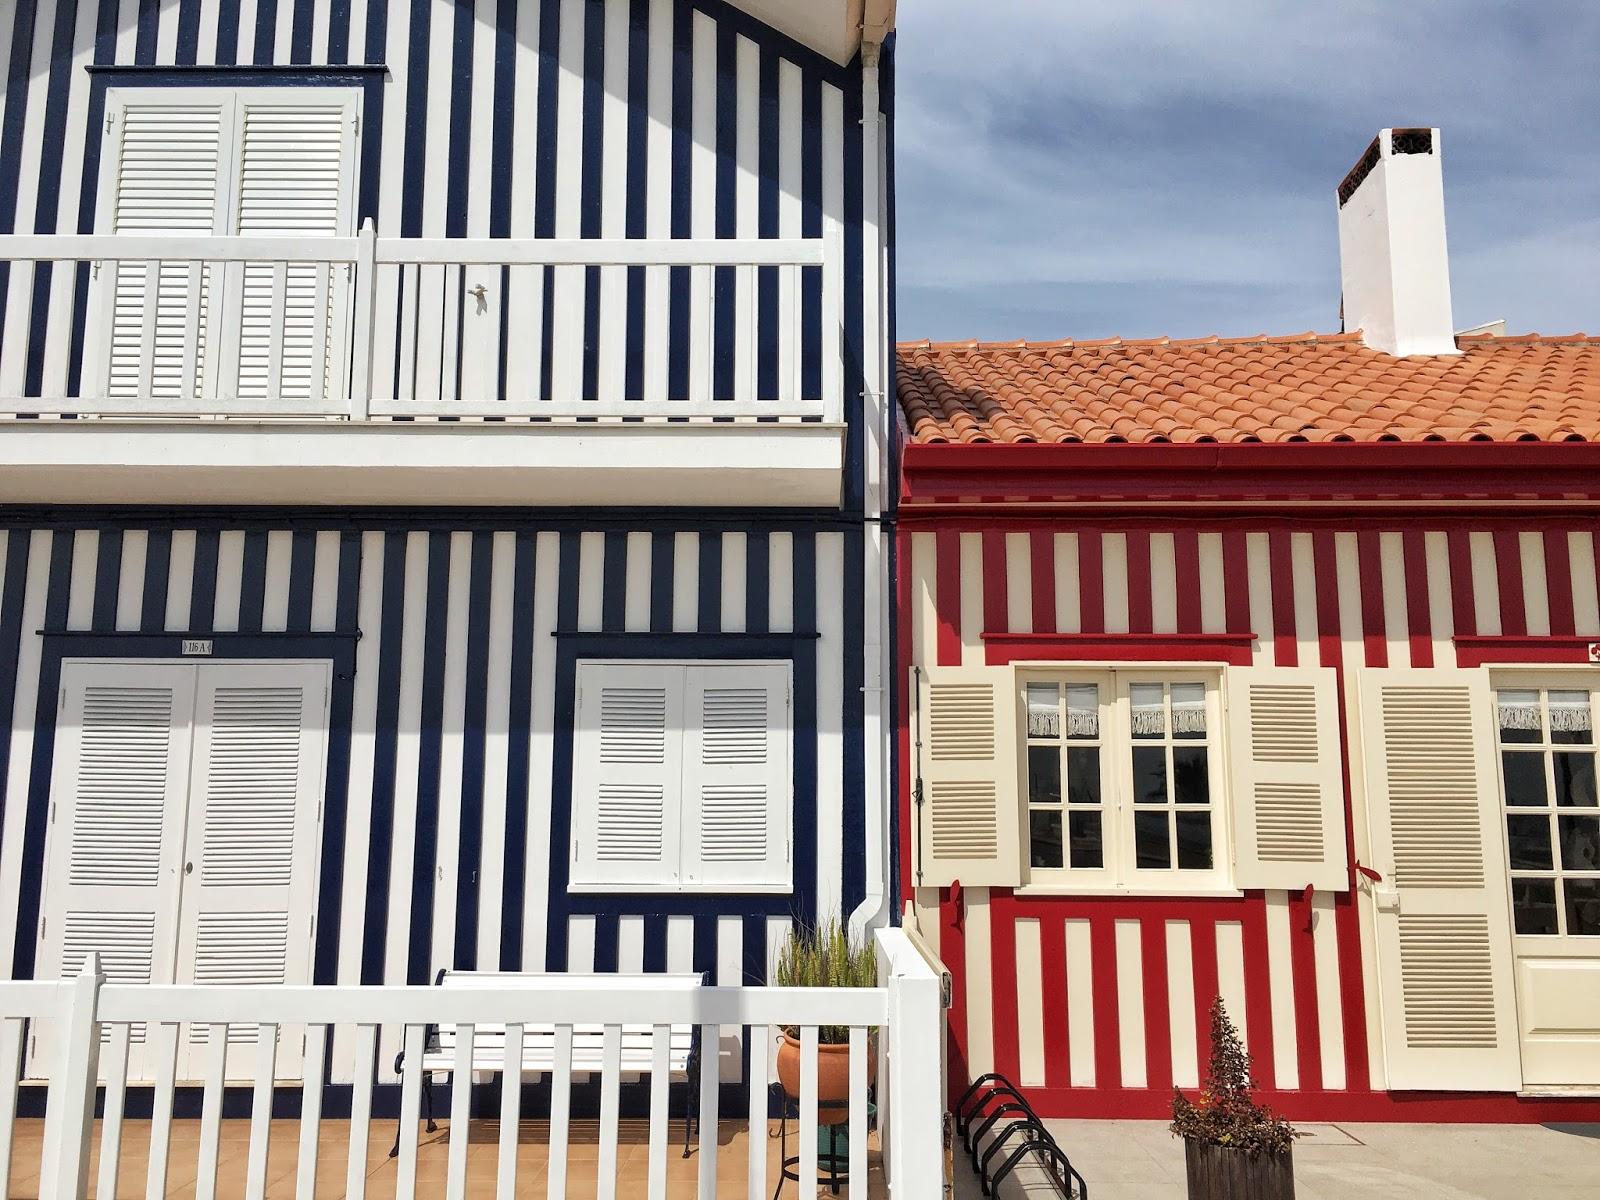 Portugal, Aveiro, Costa Nova